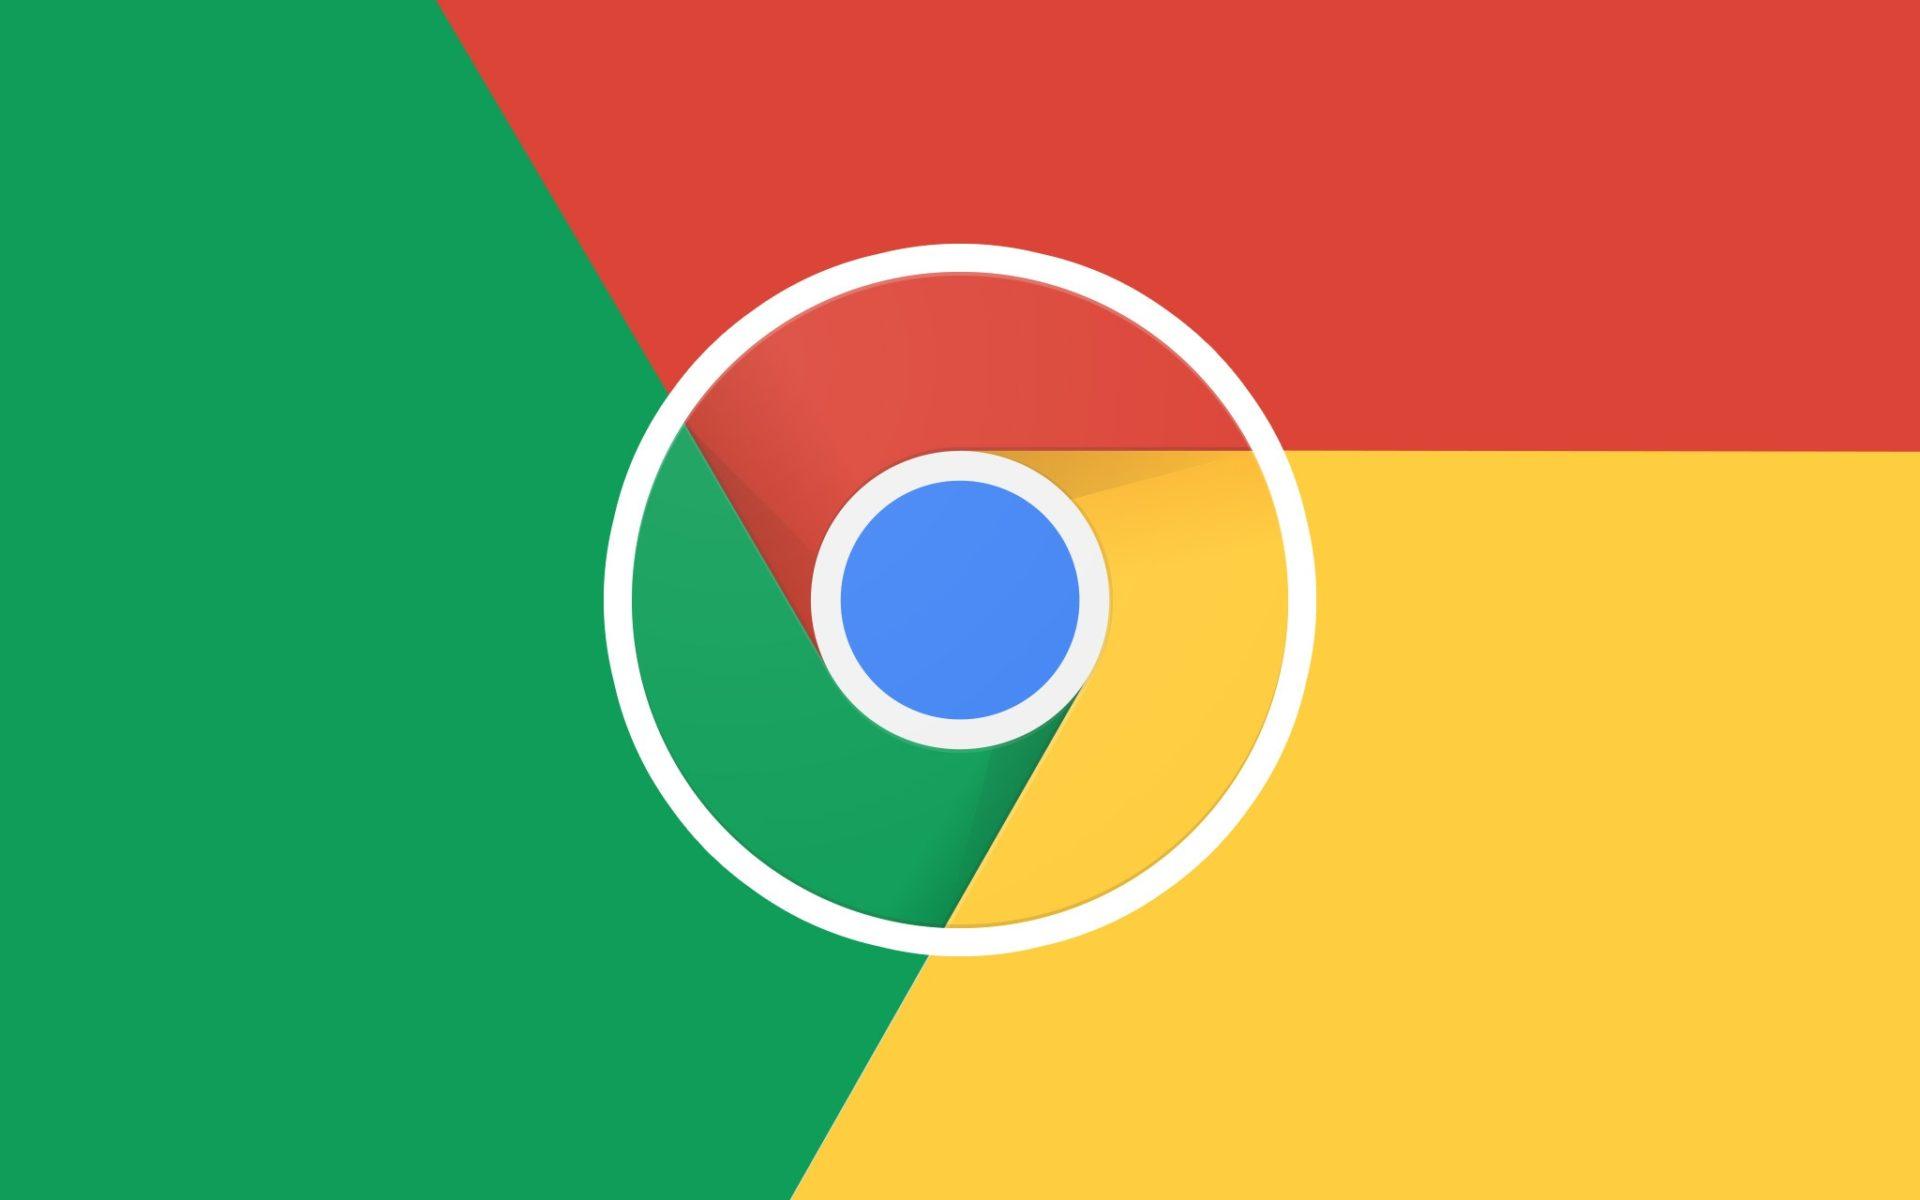 Chrome: passare alle notifiche native di sistema (Windows 10)